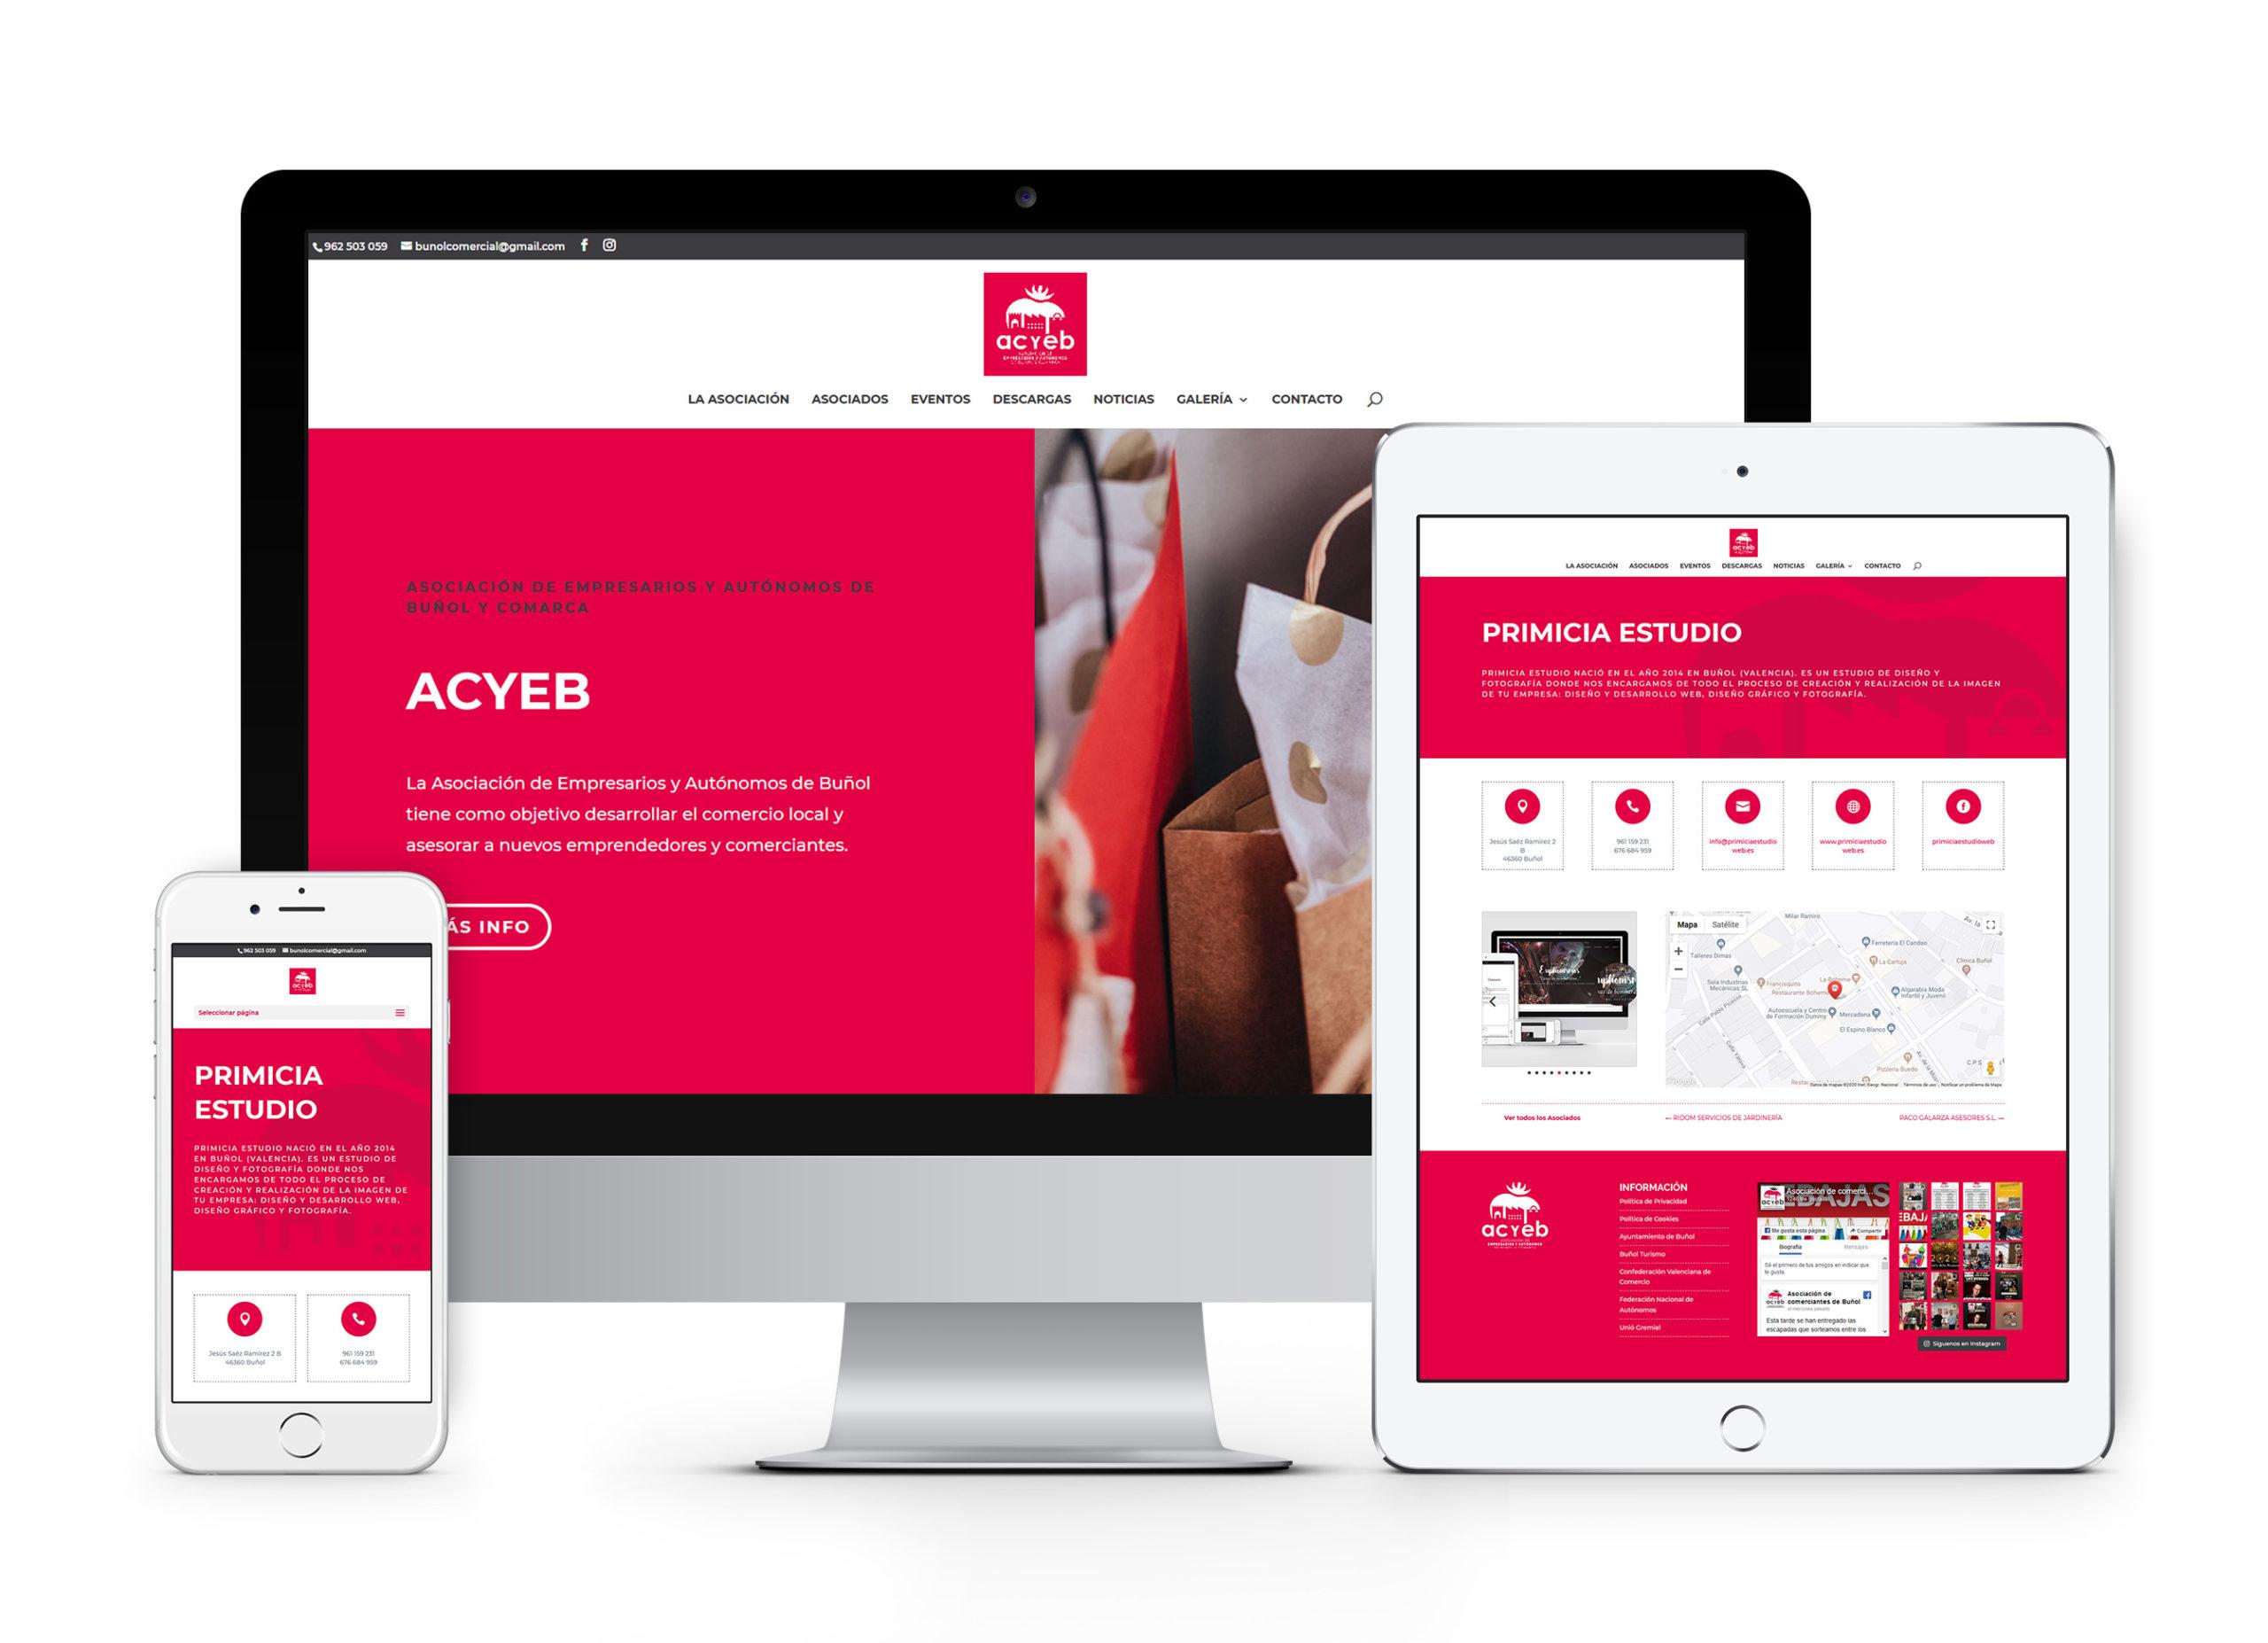 acyeb - Diseño gráfico y web